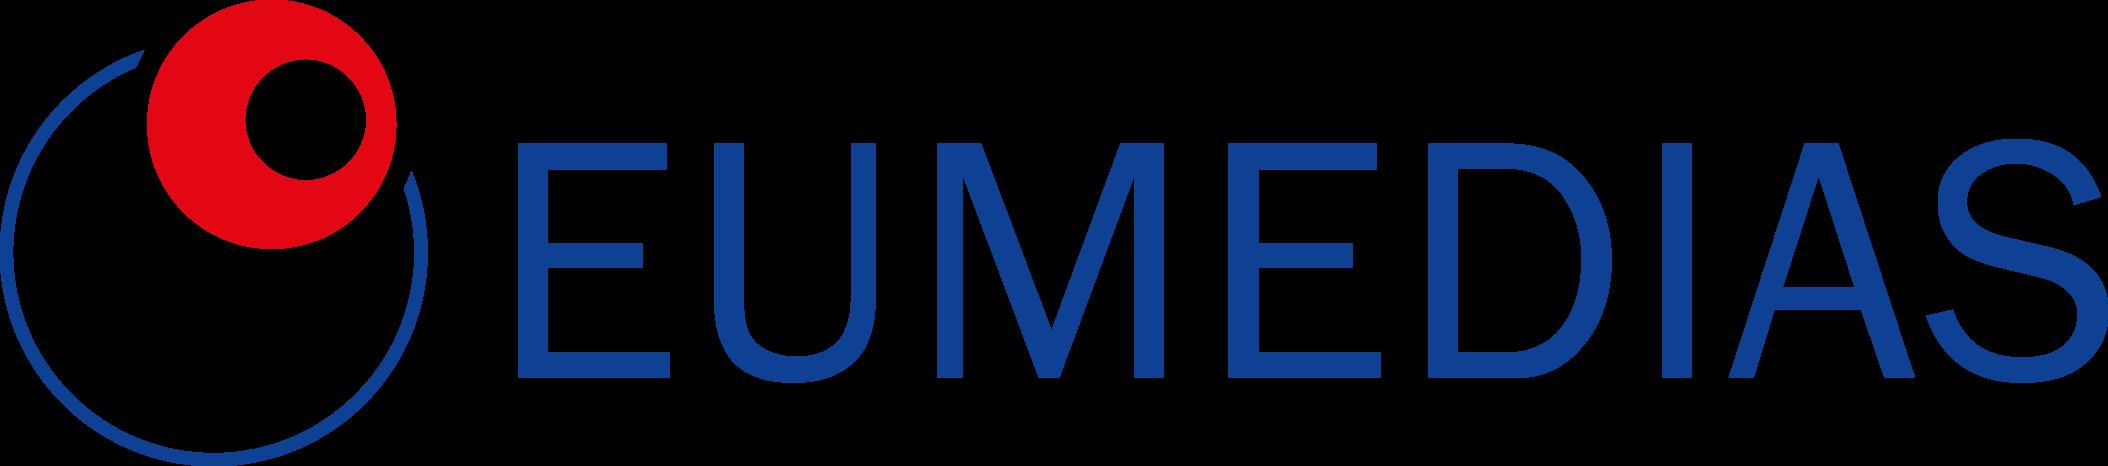 EUMEDIAS AG Logo